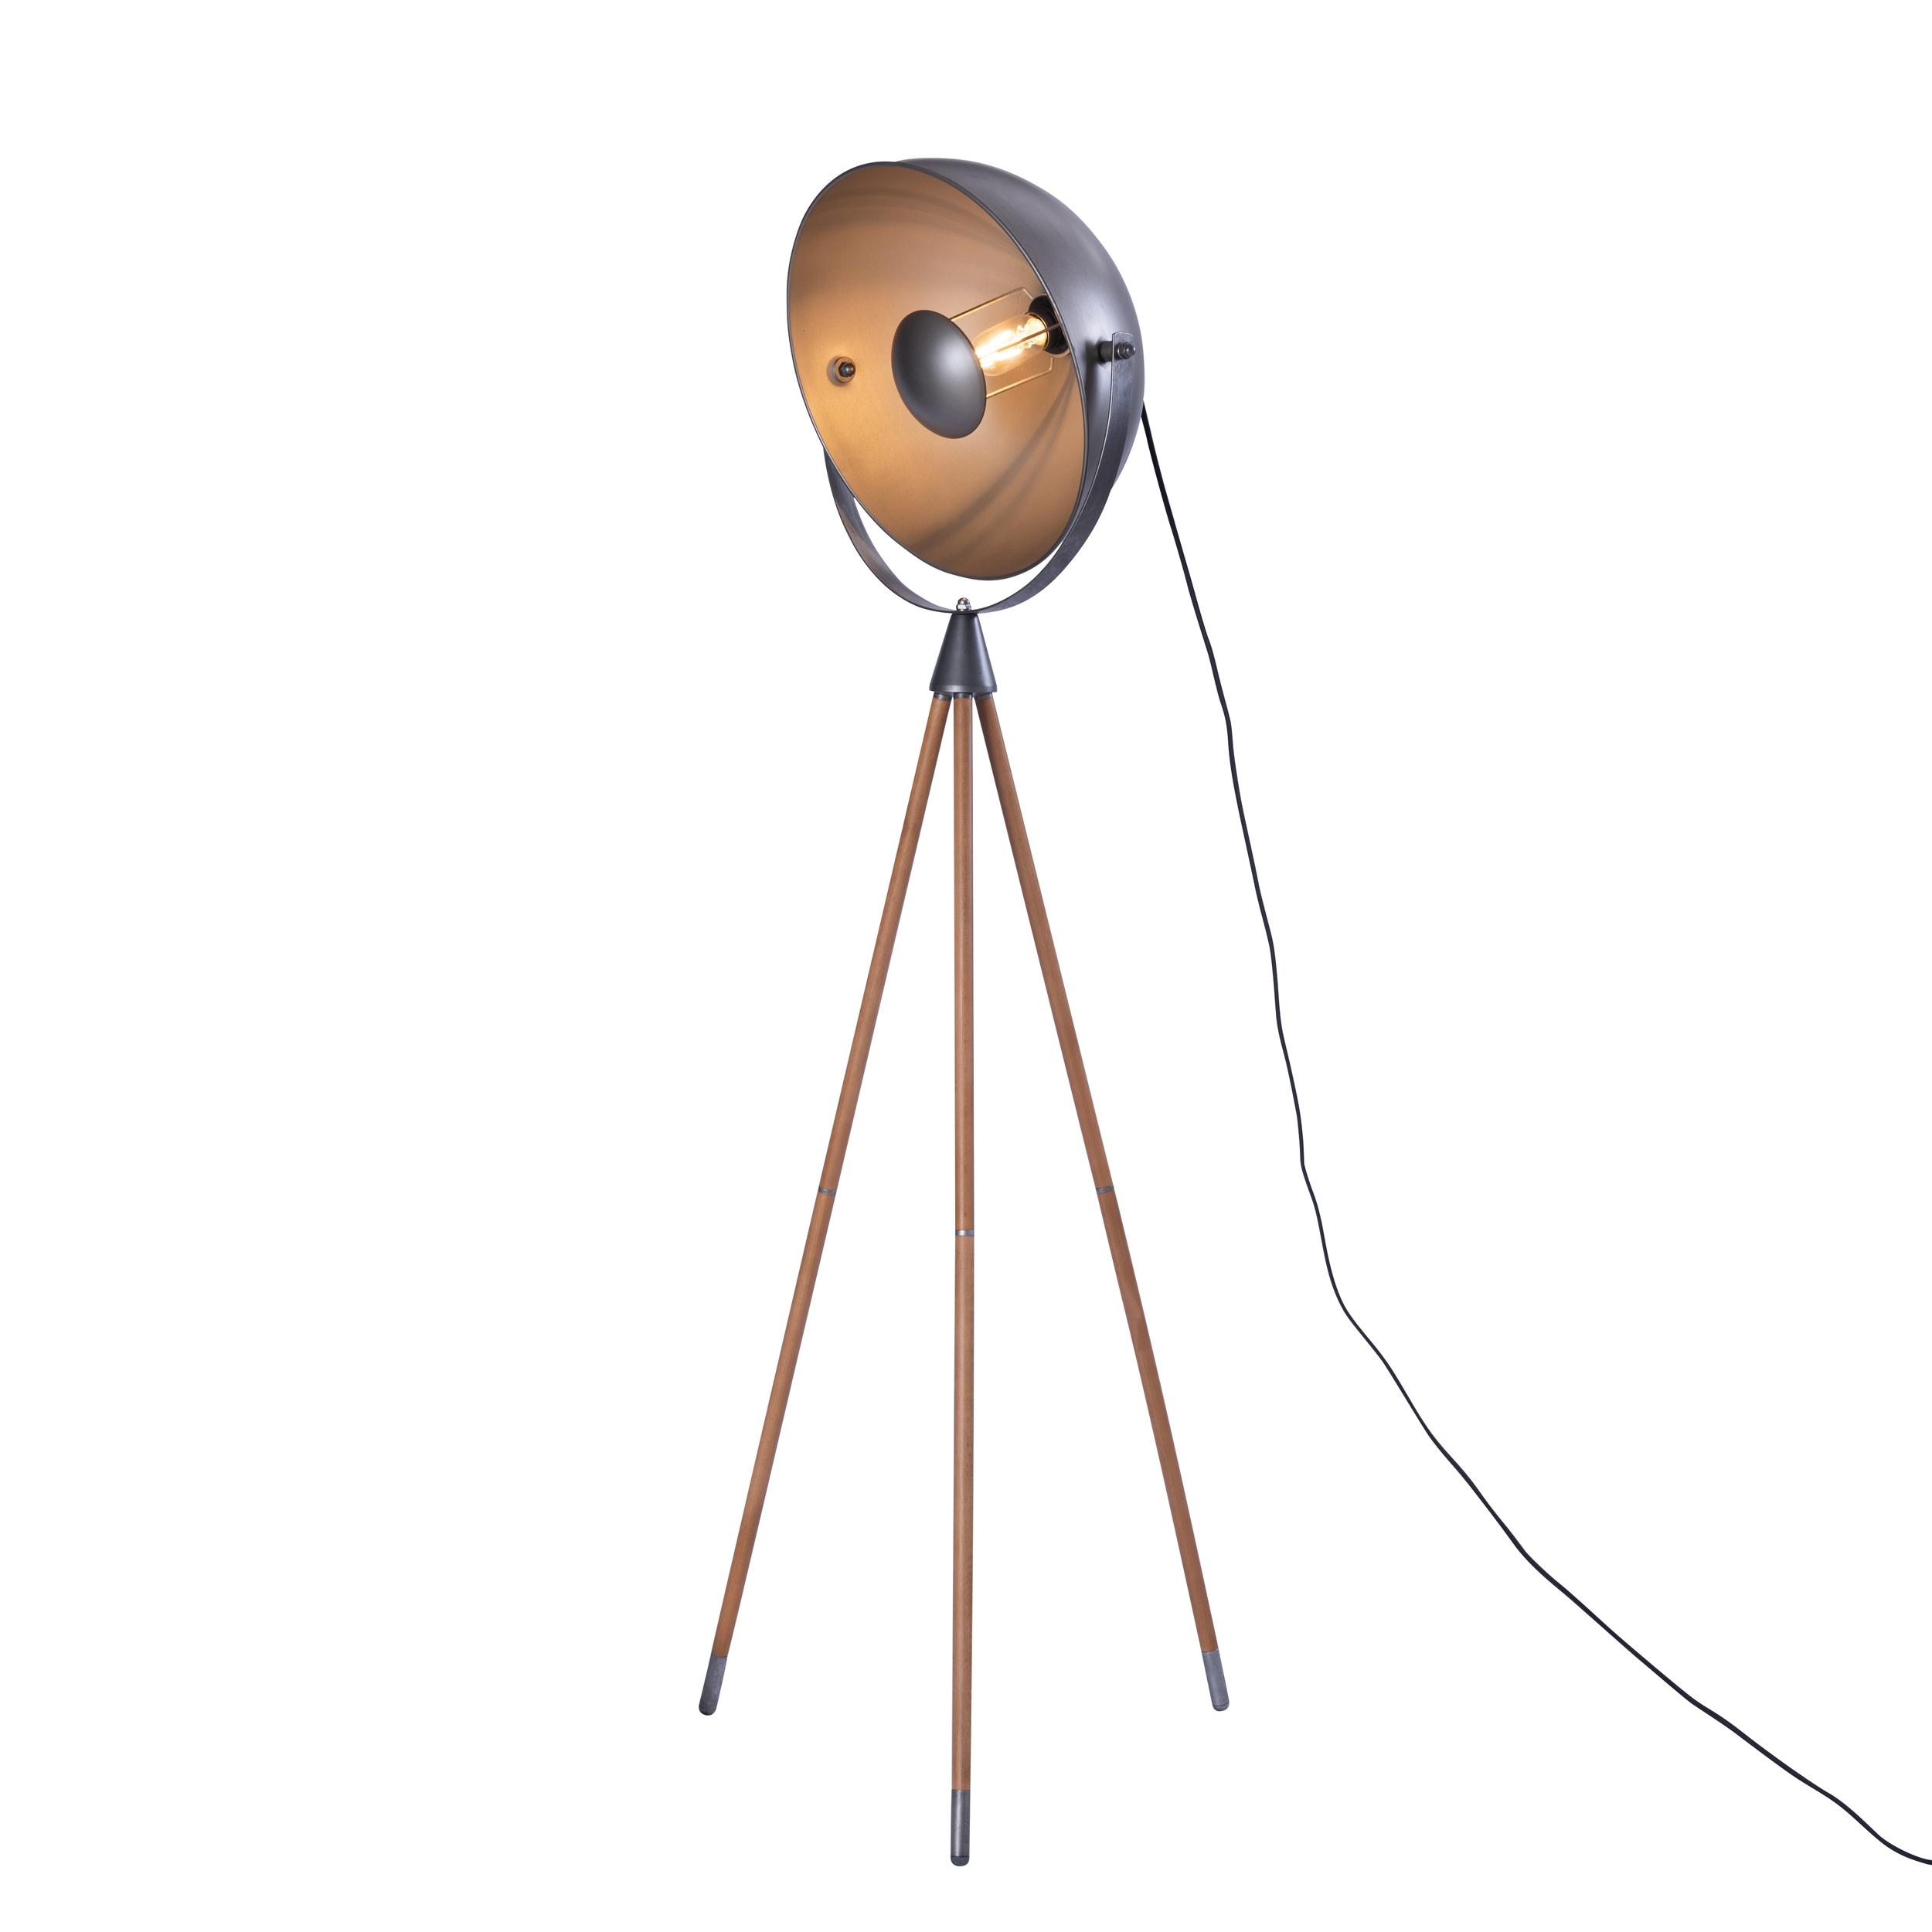 Lampadaire en métal gris et bois